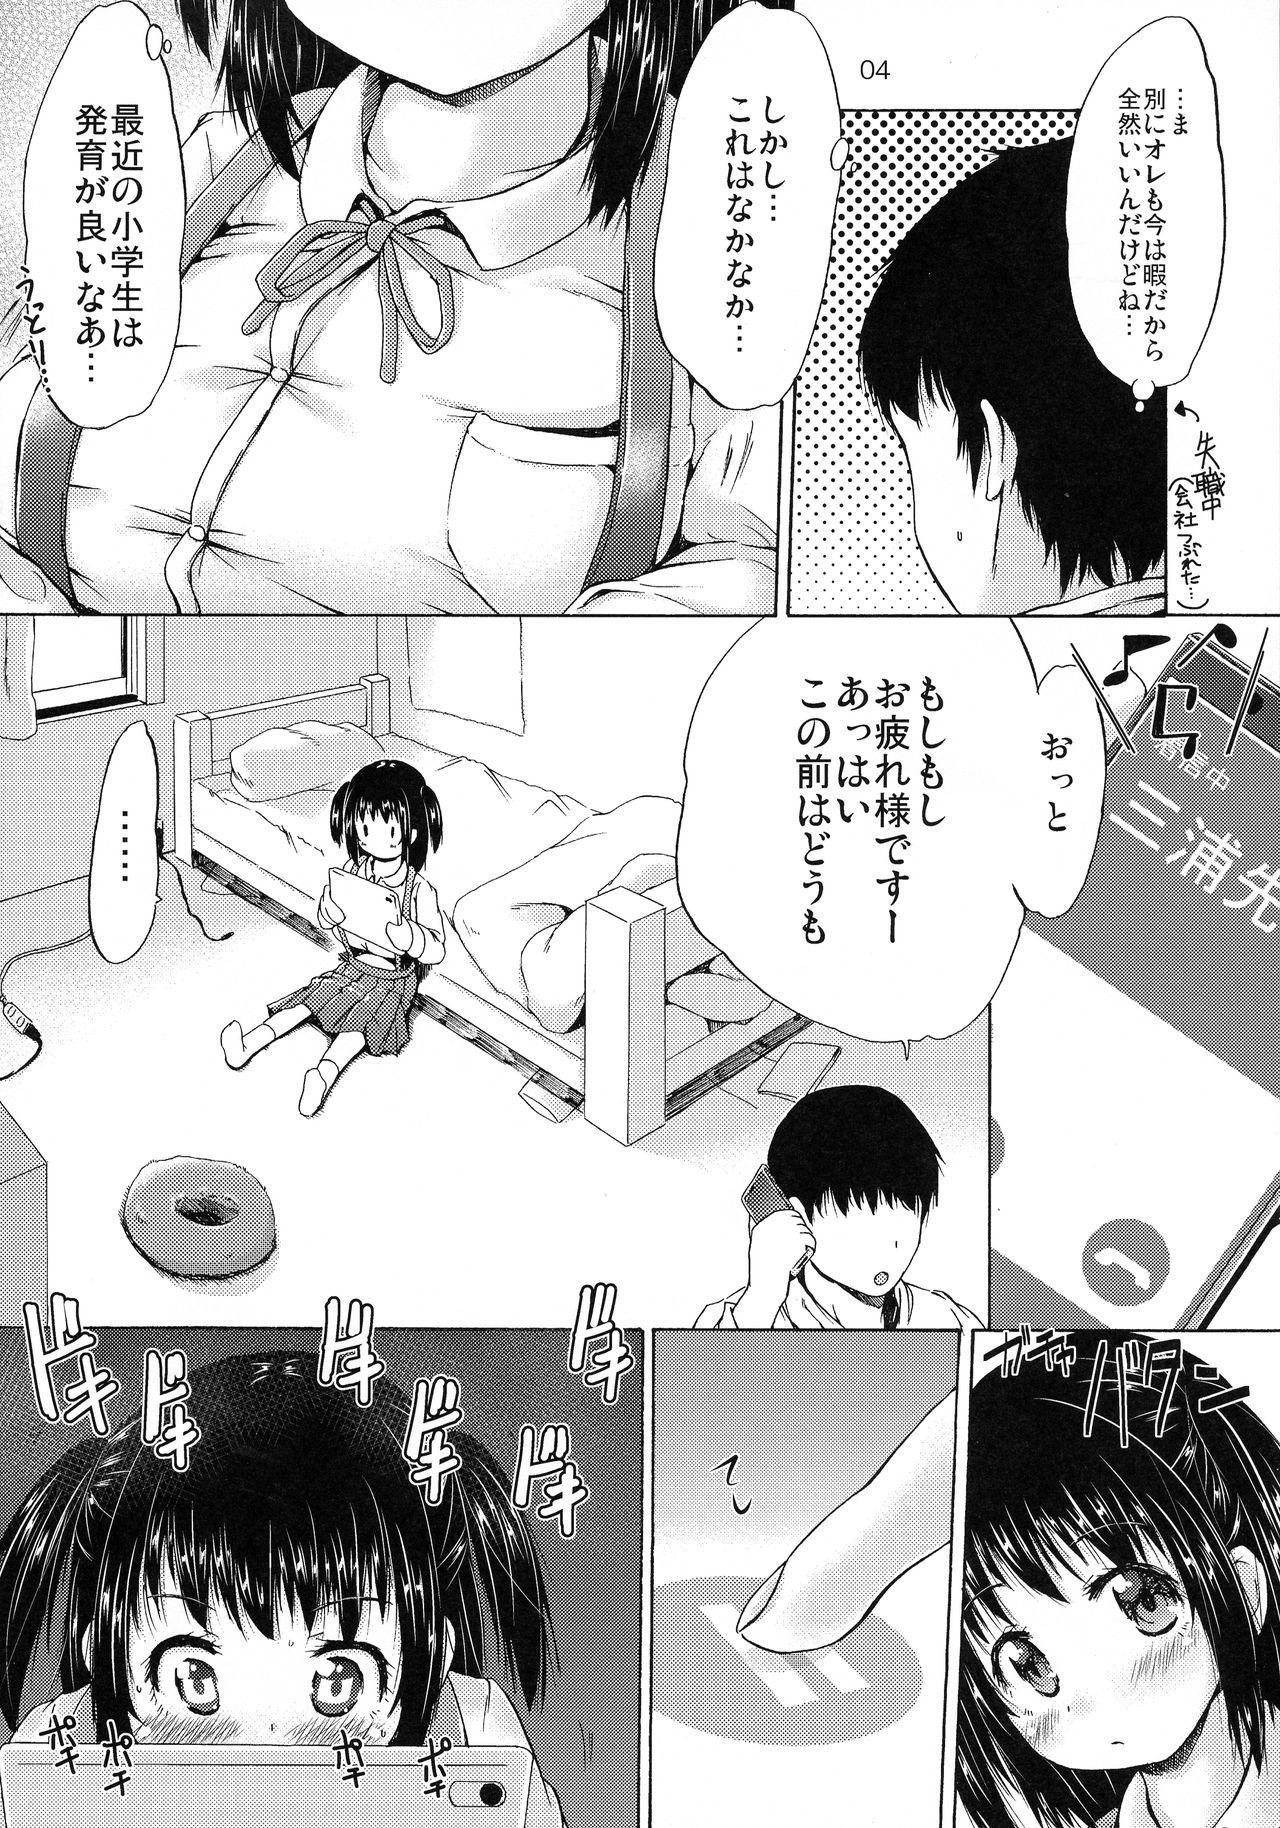 Tsuri Skirt no Onnanoko wa Rape Gokko ga Shitai Sou desu. 3